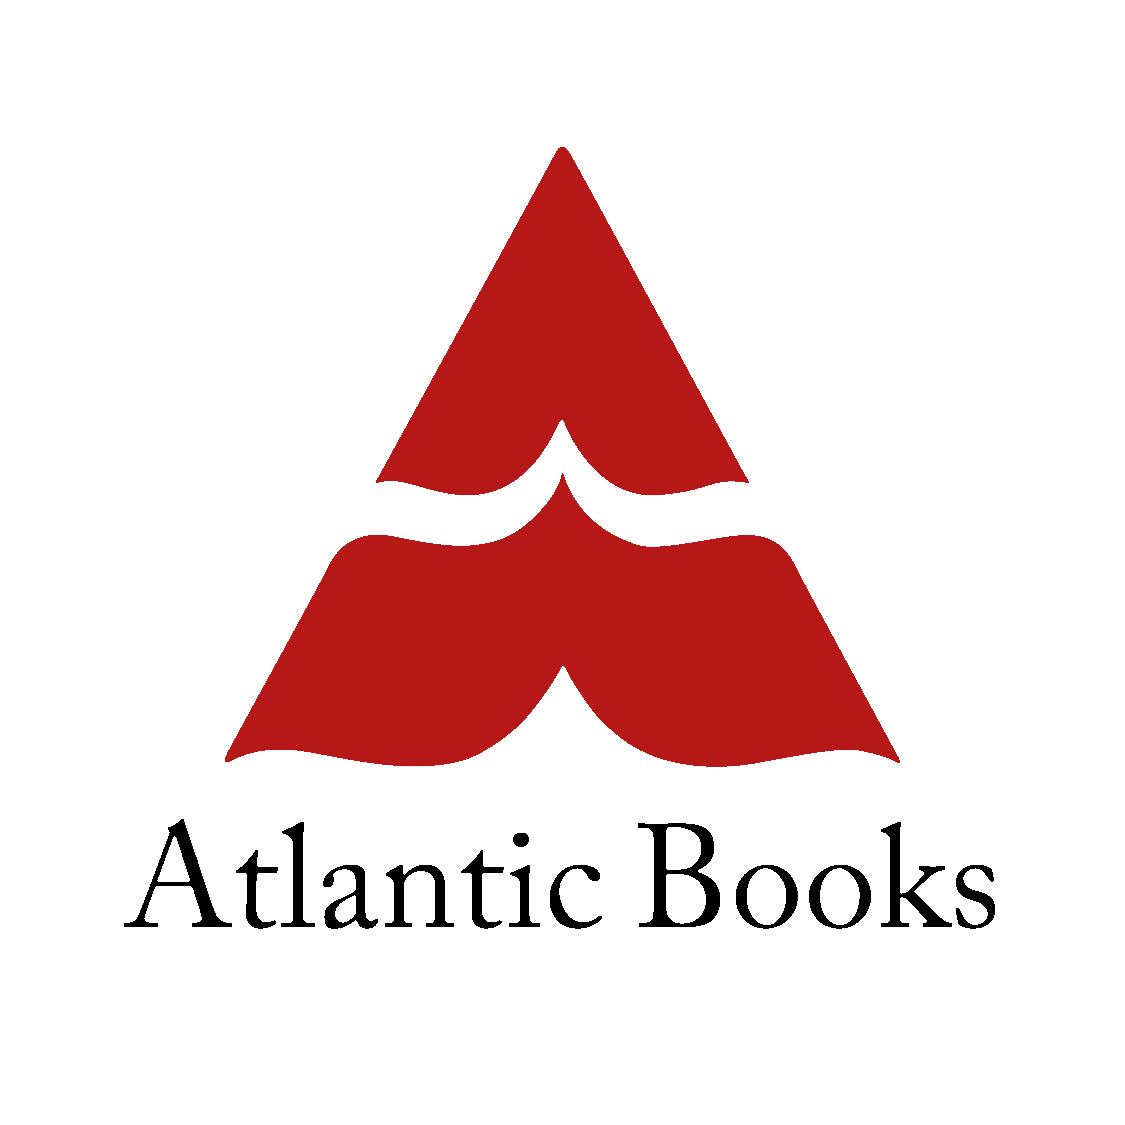 Atlantic Books